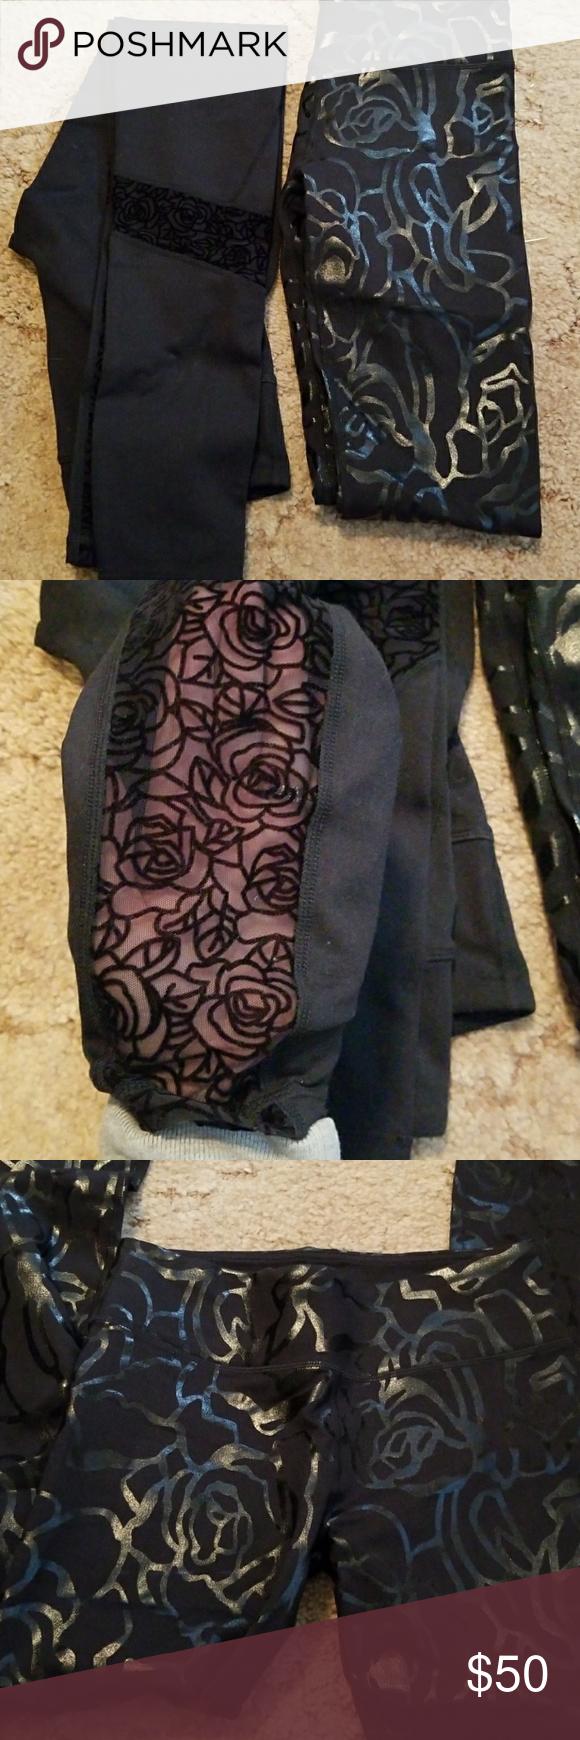 Fabletics leggings bundle Rose detailed fabletics leggings. Both XS. Great condition . Fabletics Pants Leggings